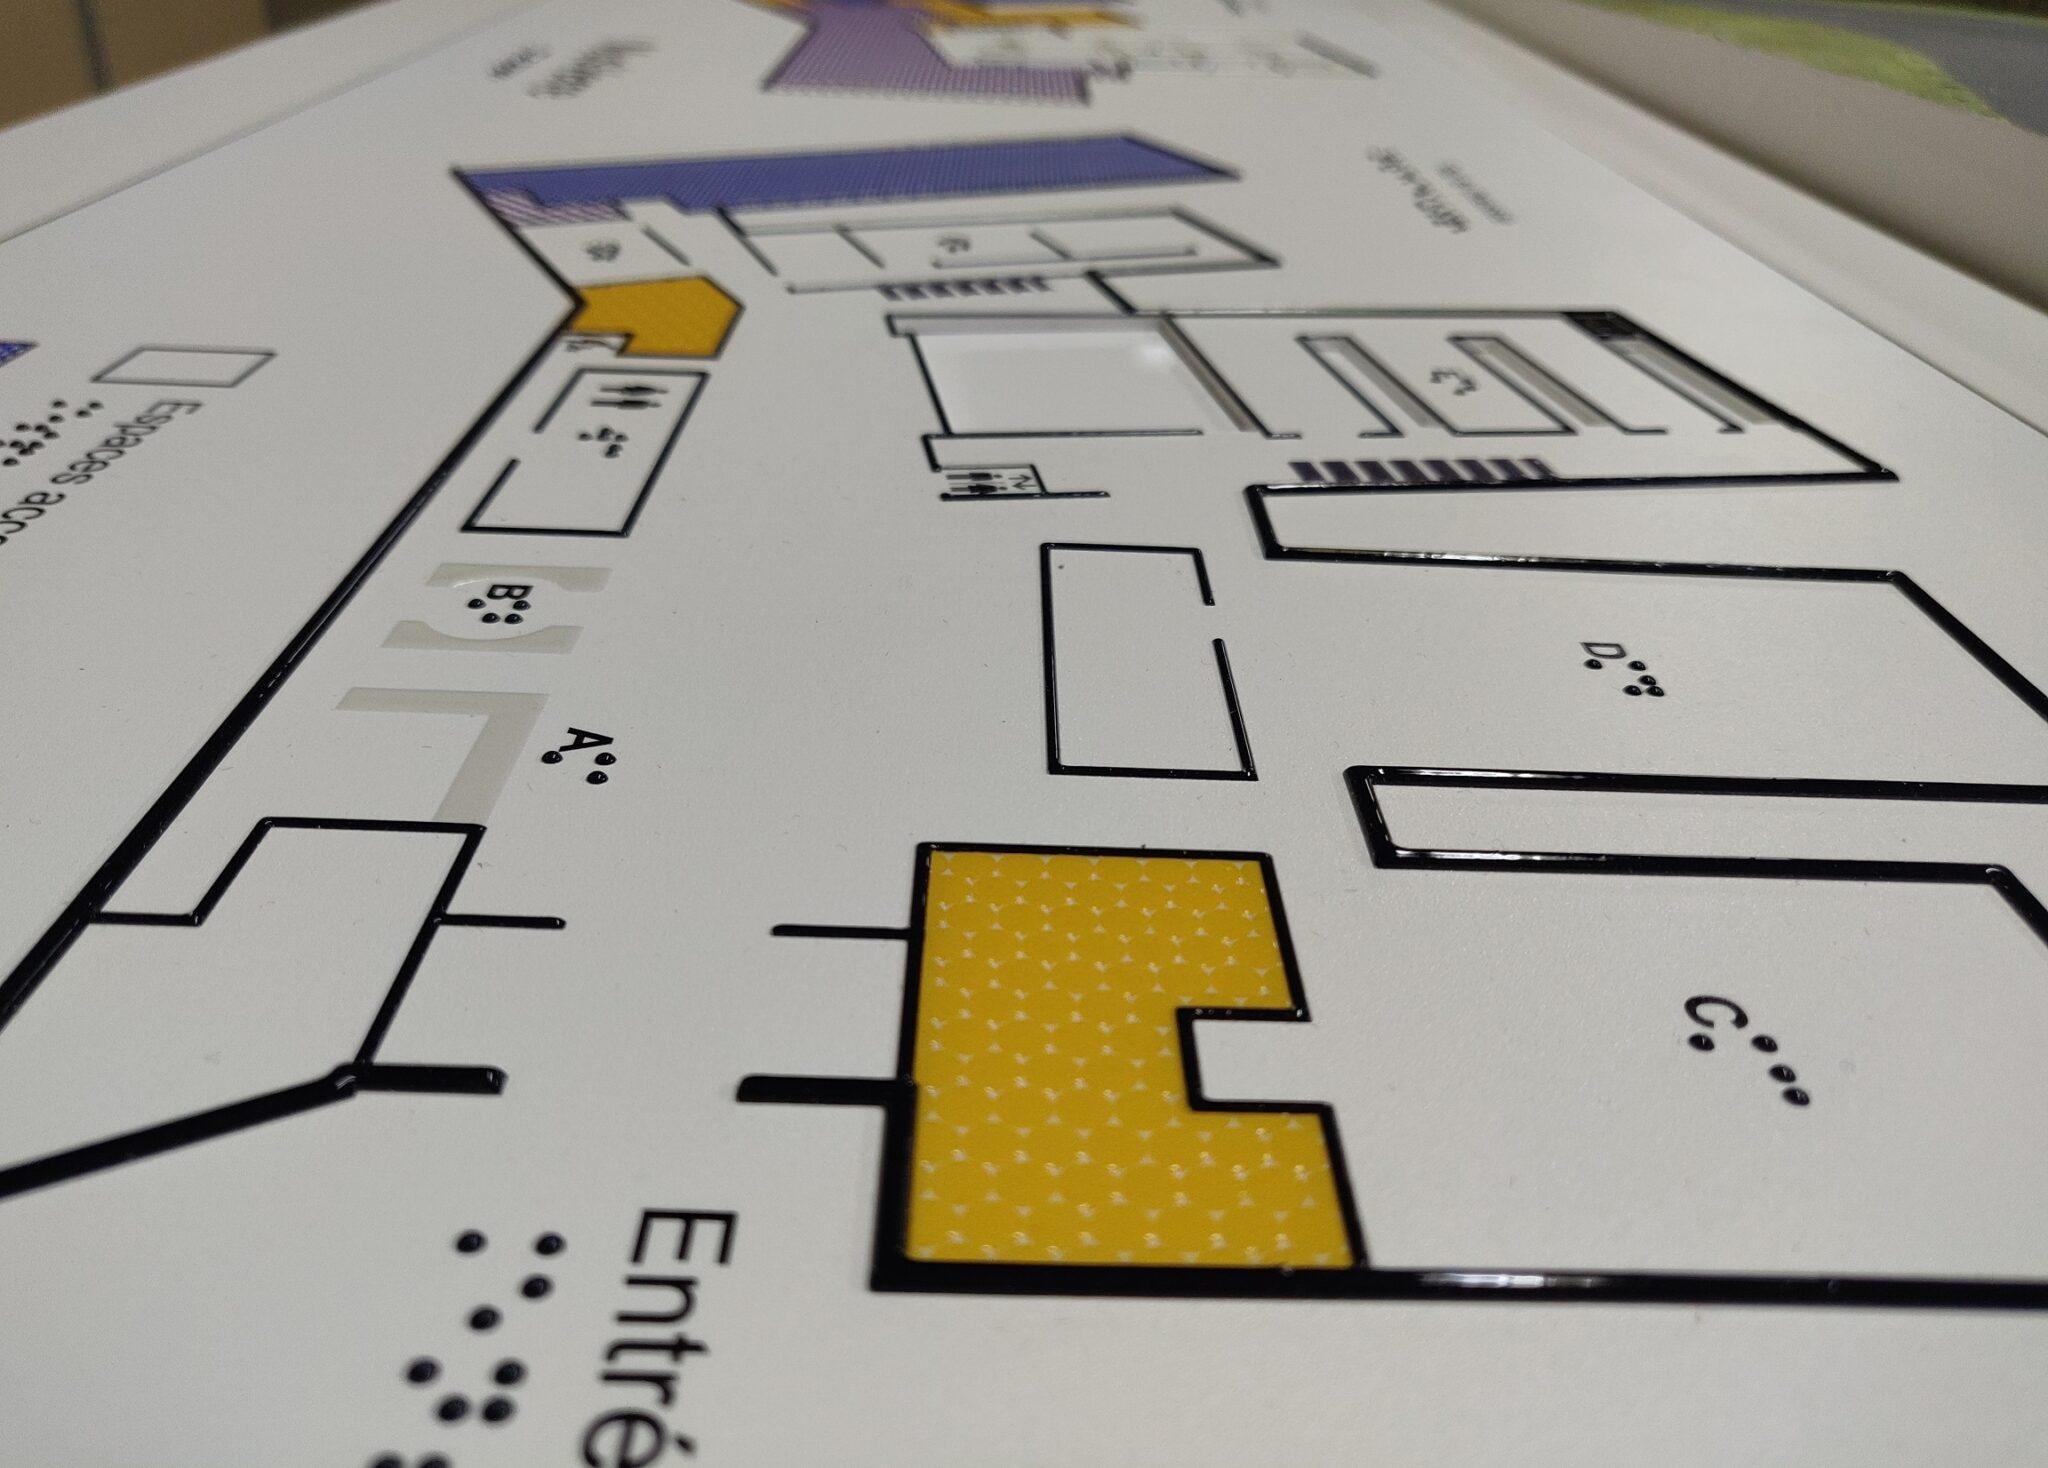 Plans Tactiles du MusVerre - Légende braille